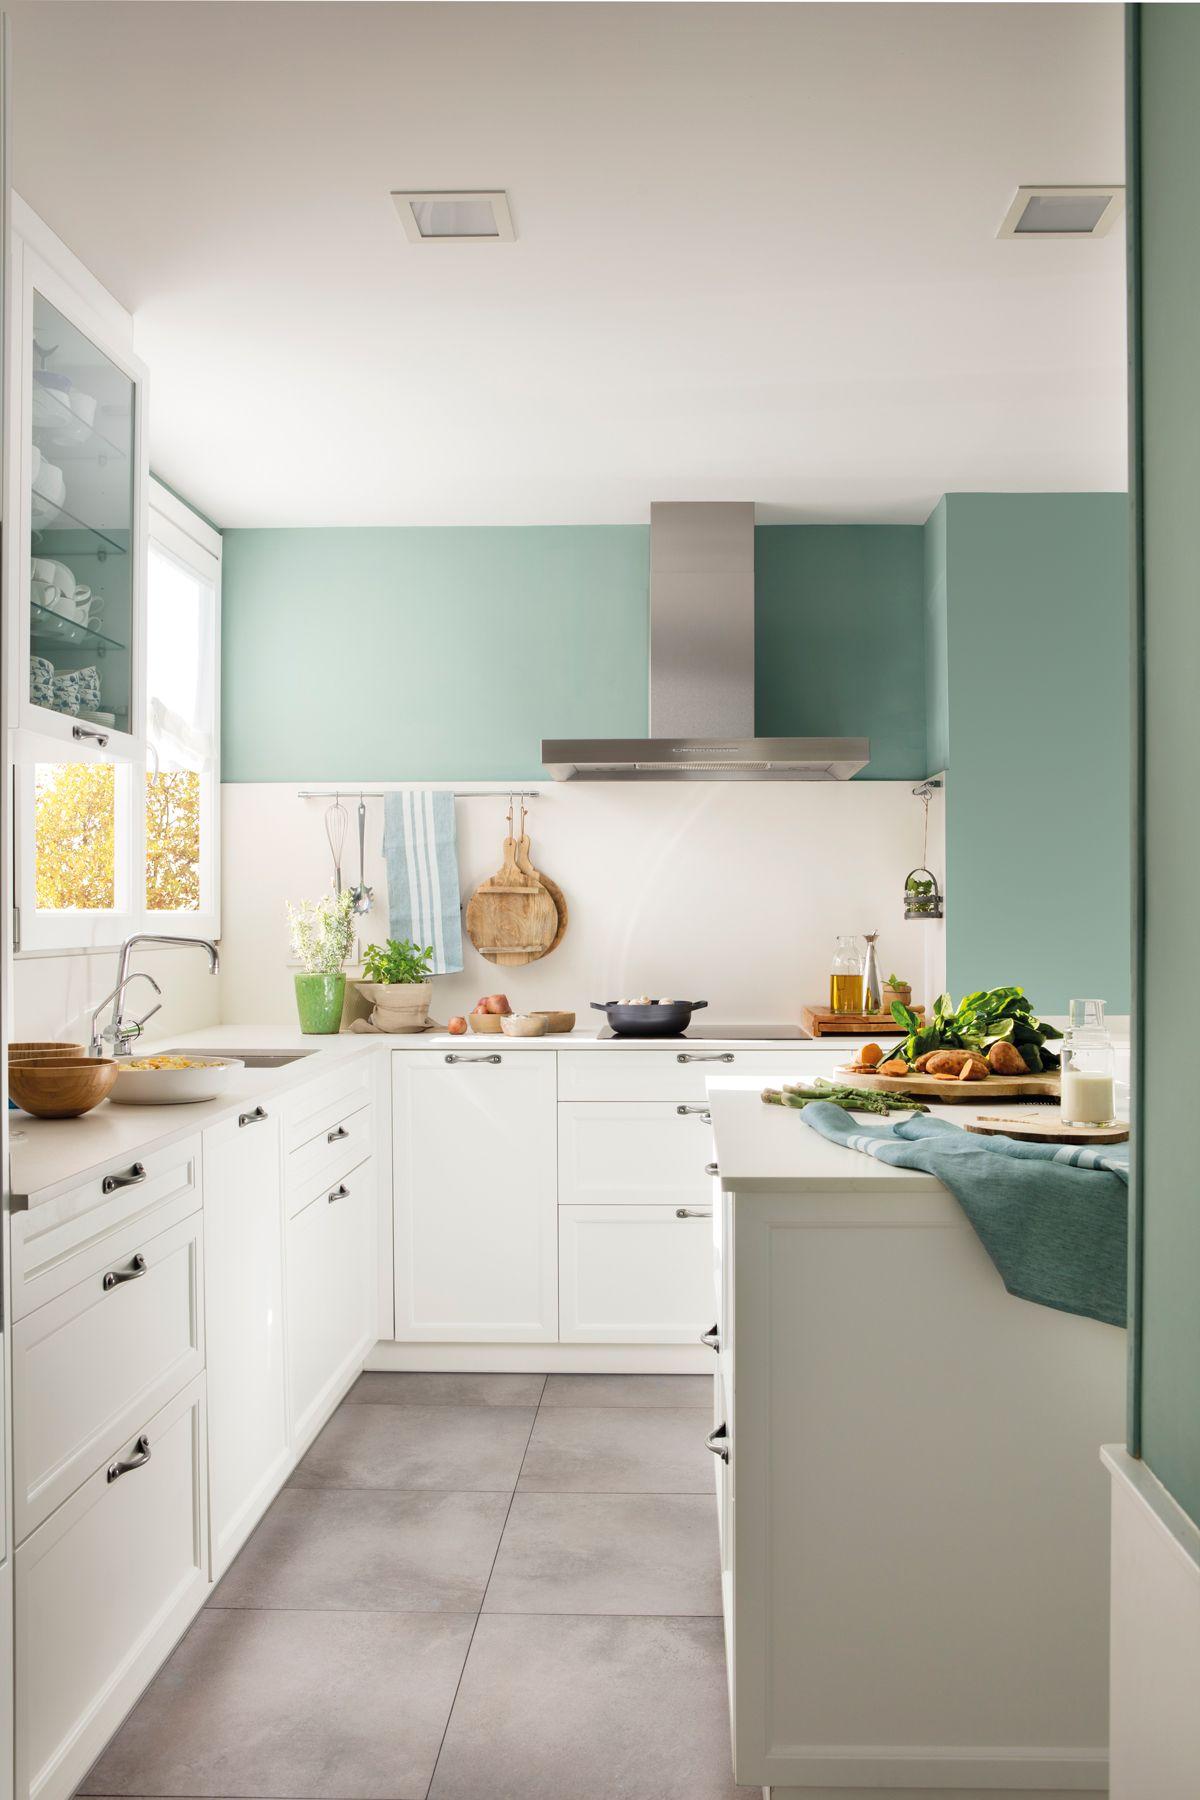 Renueva tu cocina por menos de 900, 1.500 y 3.000 €